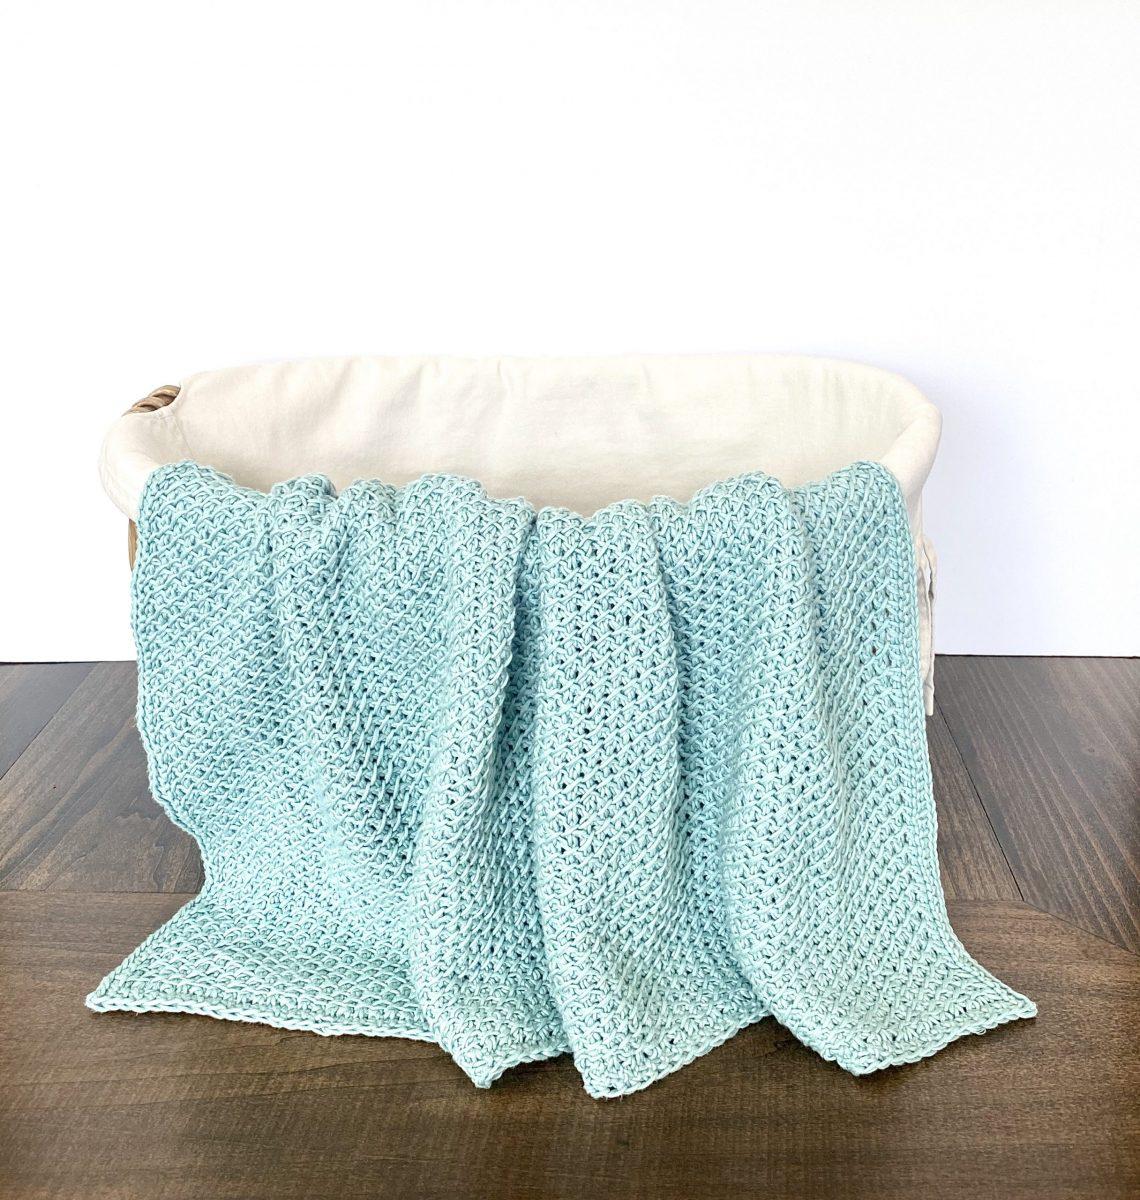 Love in Lattice Baby Blanket crochet pattern by Little Monkeys Designs – Tunisian crochet baby blanket pattern